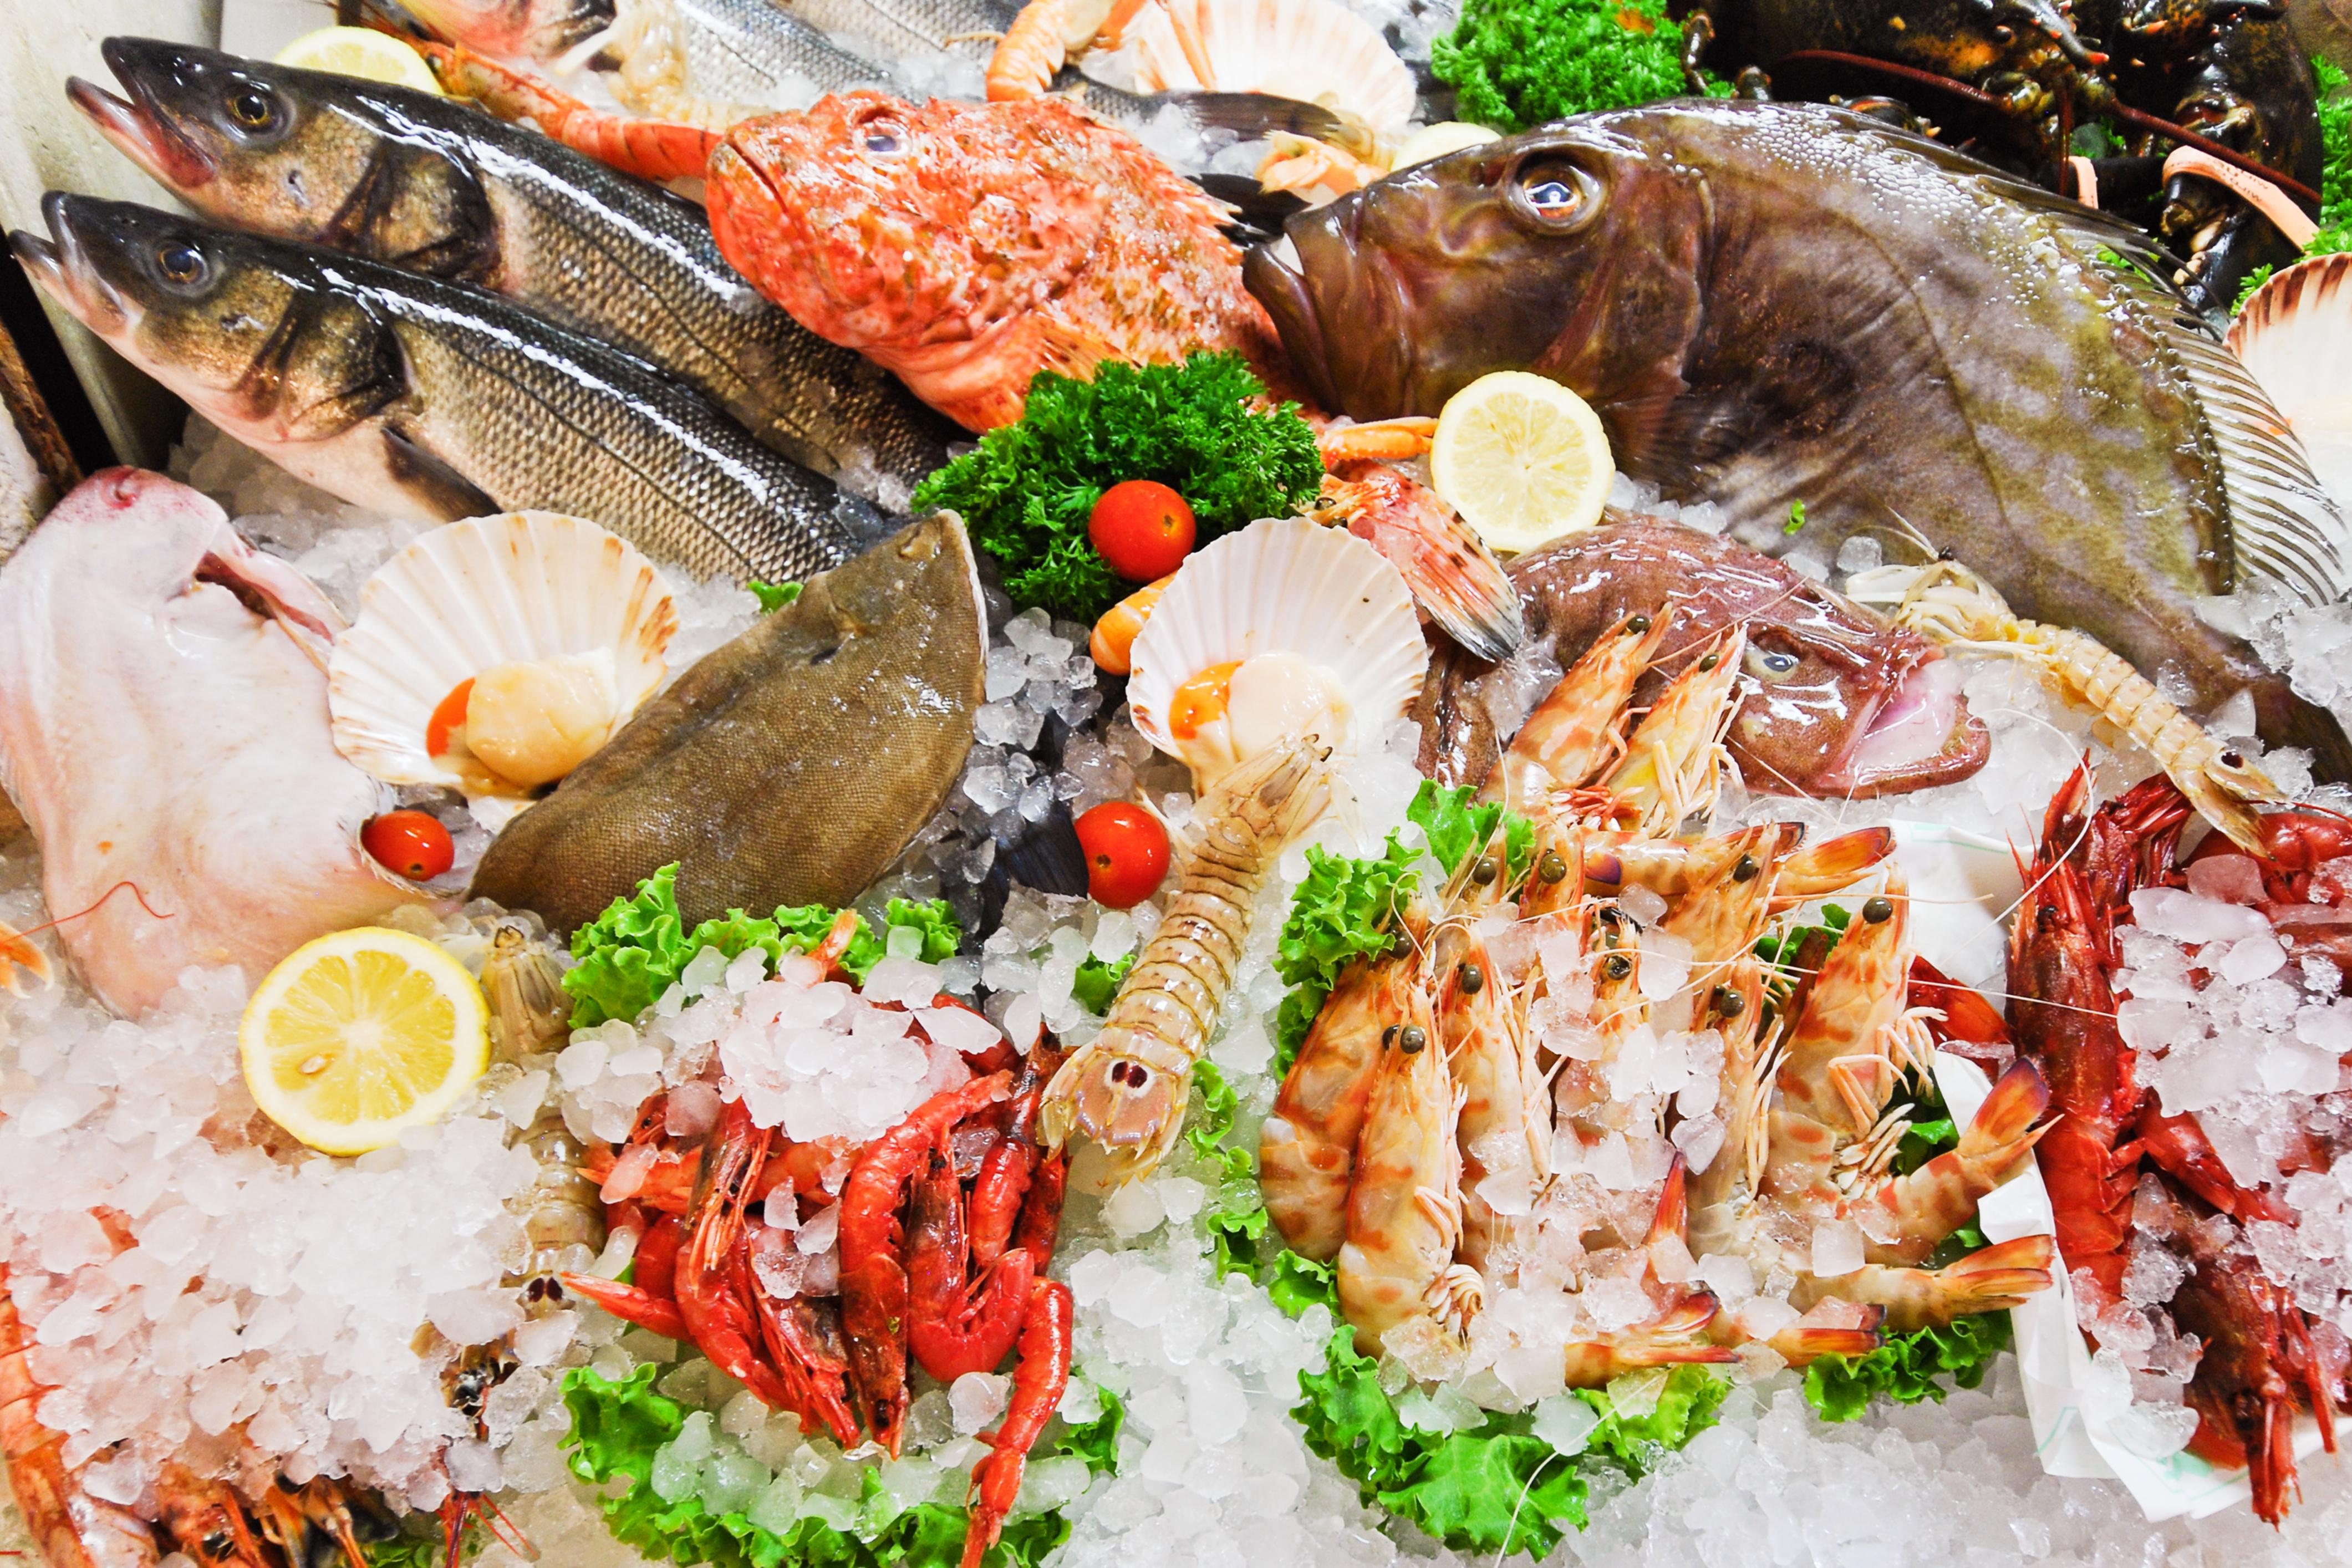 Auswahl in der Fischtheke. |  Bild (Ausschnitt): © Vvoevale [Royalty Free]  - Dreamstime.com